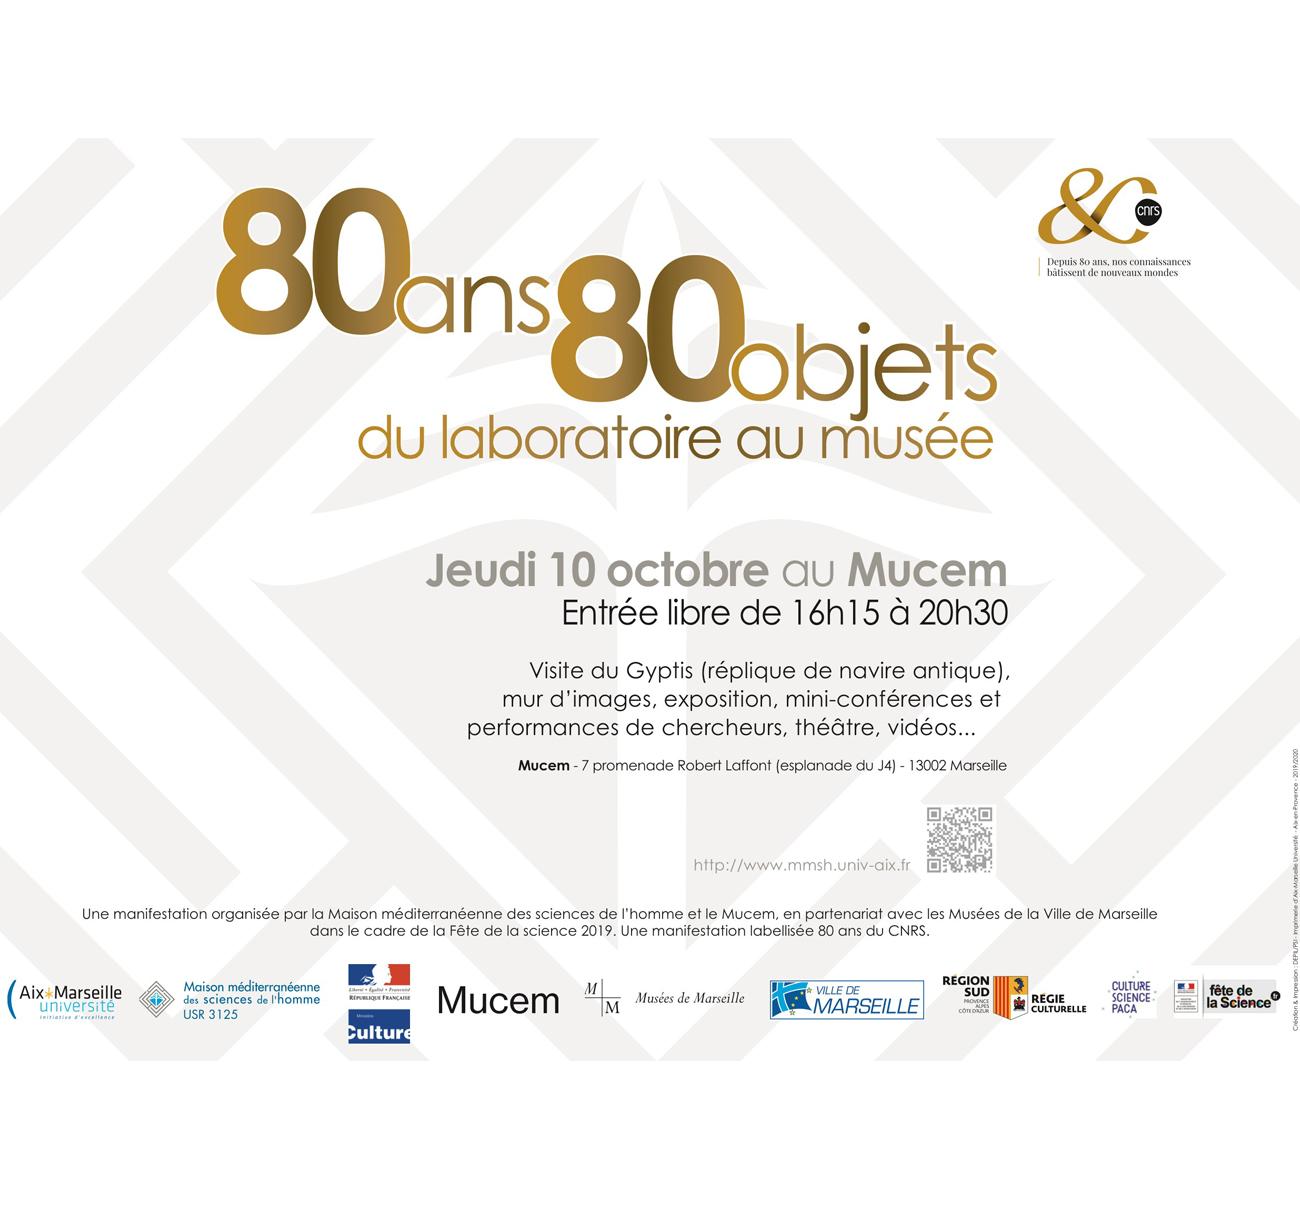 80 ans 80 objets de recherche. Du laboratoire au musée